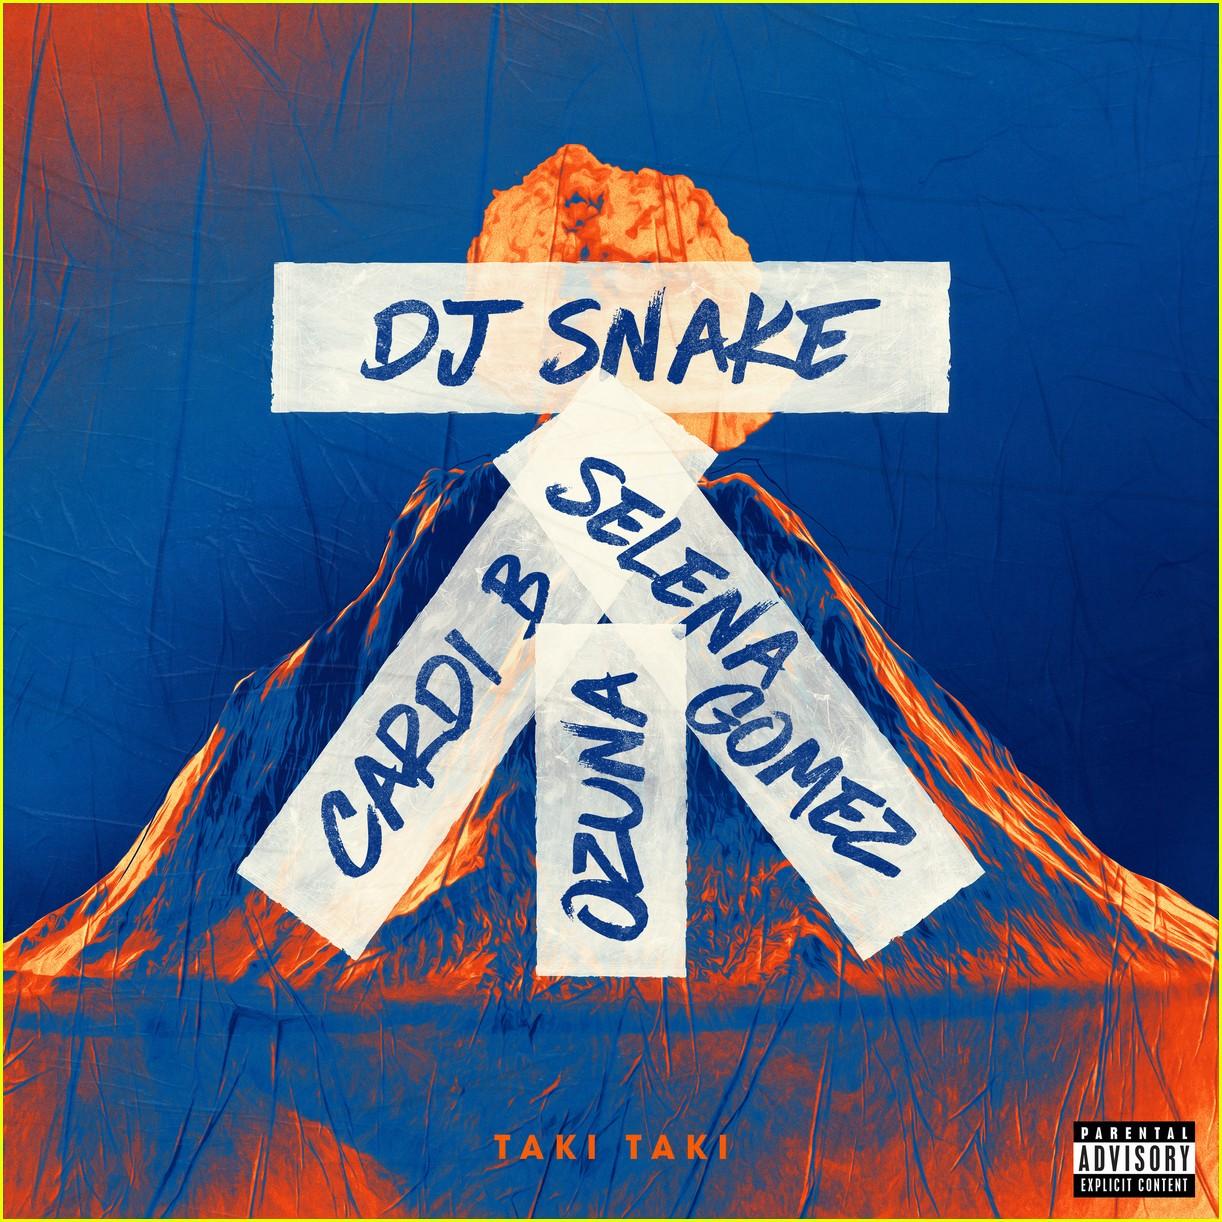 Taki Taki Selena Gomez Audio Download: DJ Snake Ft. Ozuna, Cardi B & Selena Gomez: 'Taki Taki